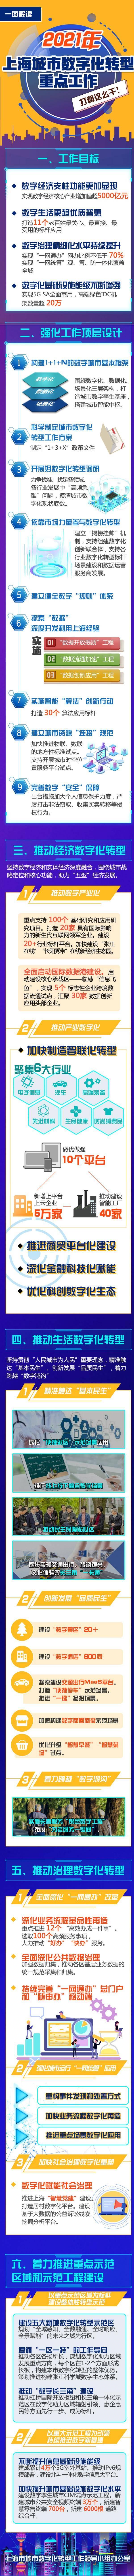 城市数字化转型今年这么干!上海将打造11个标杆应用